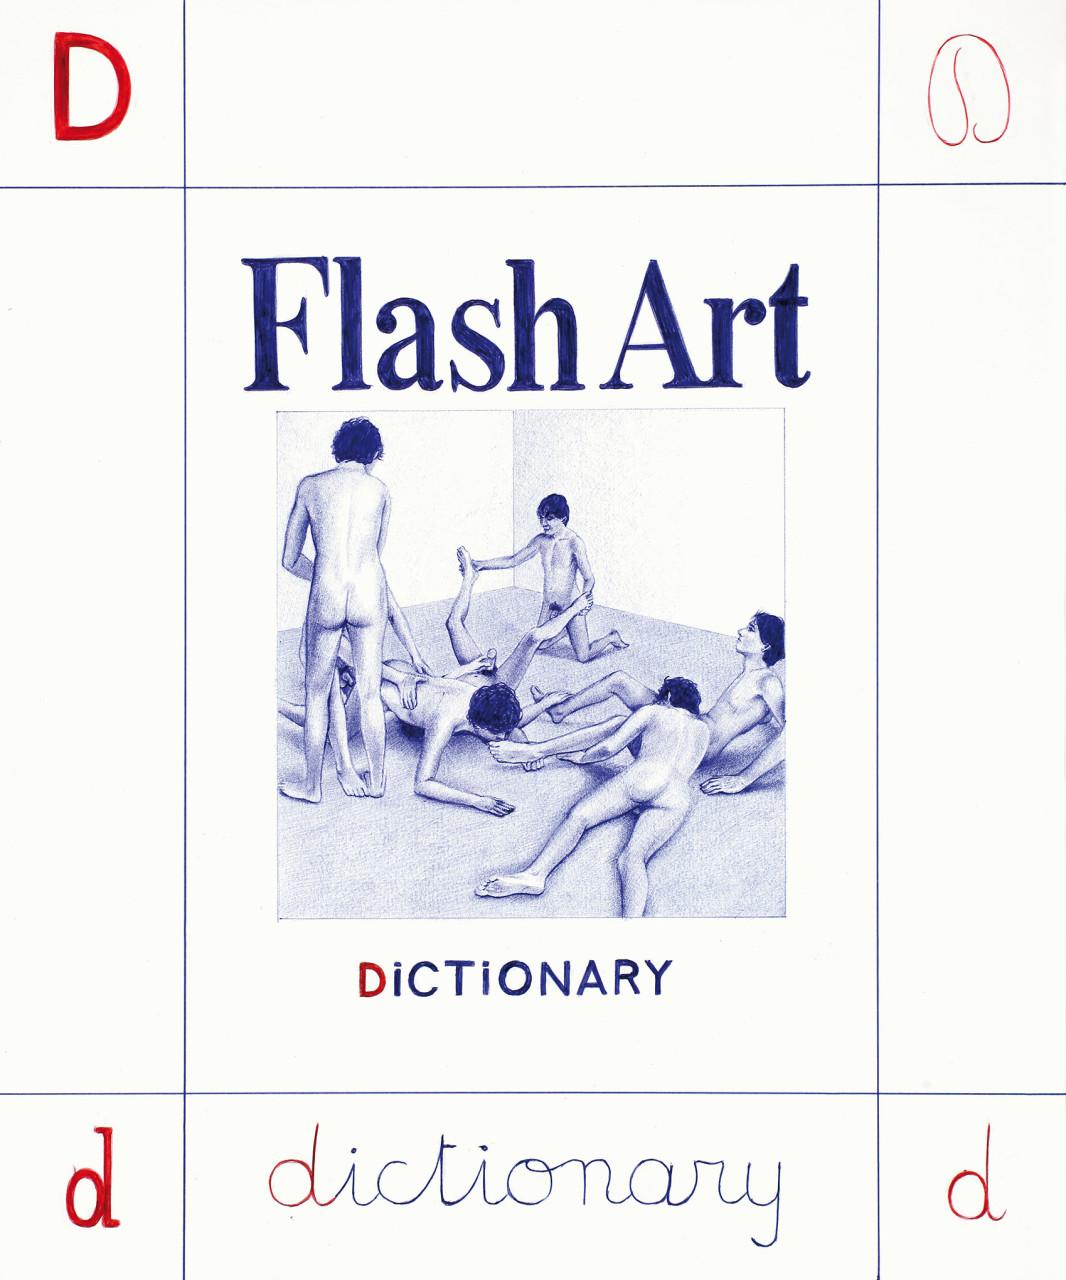 06D-dictionary_bassa